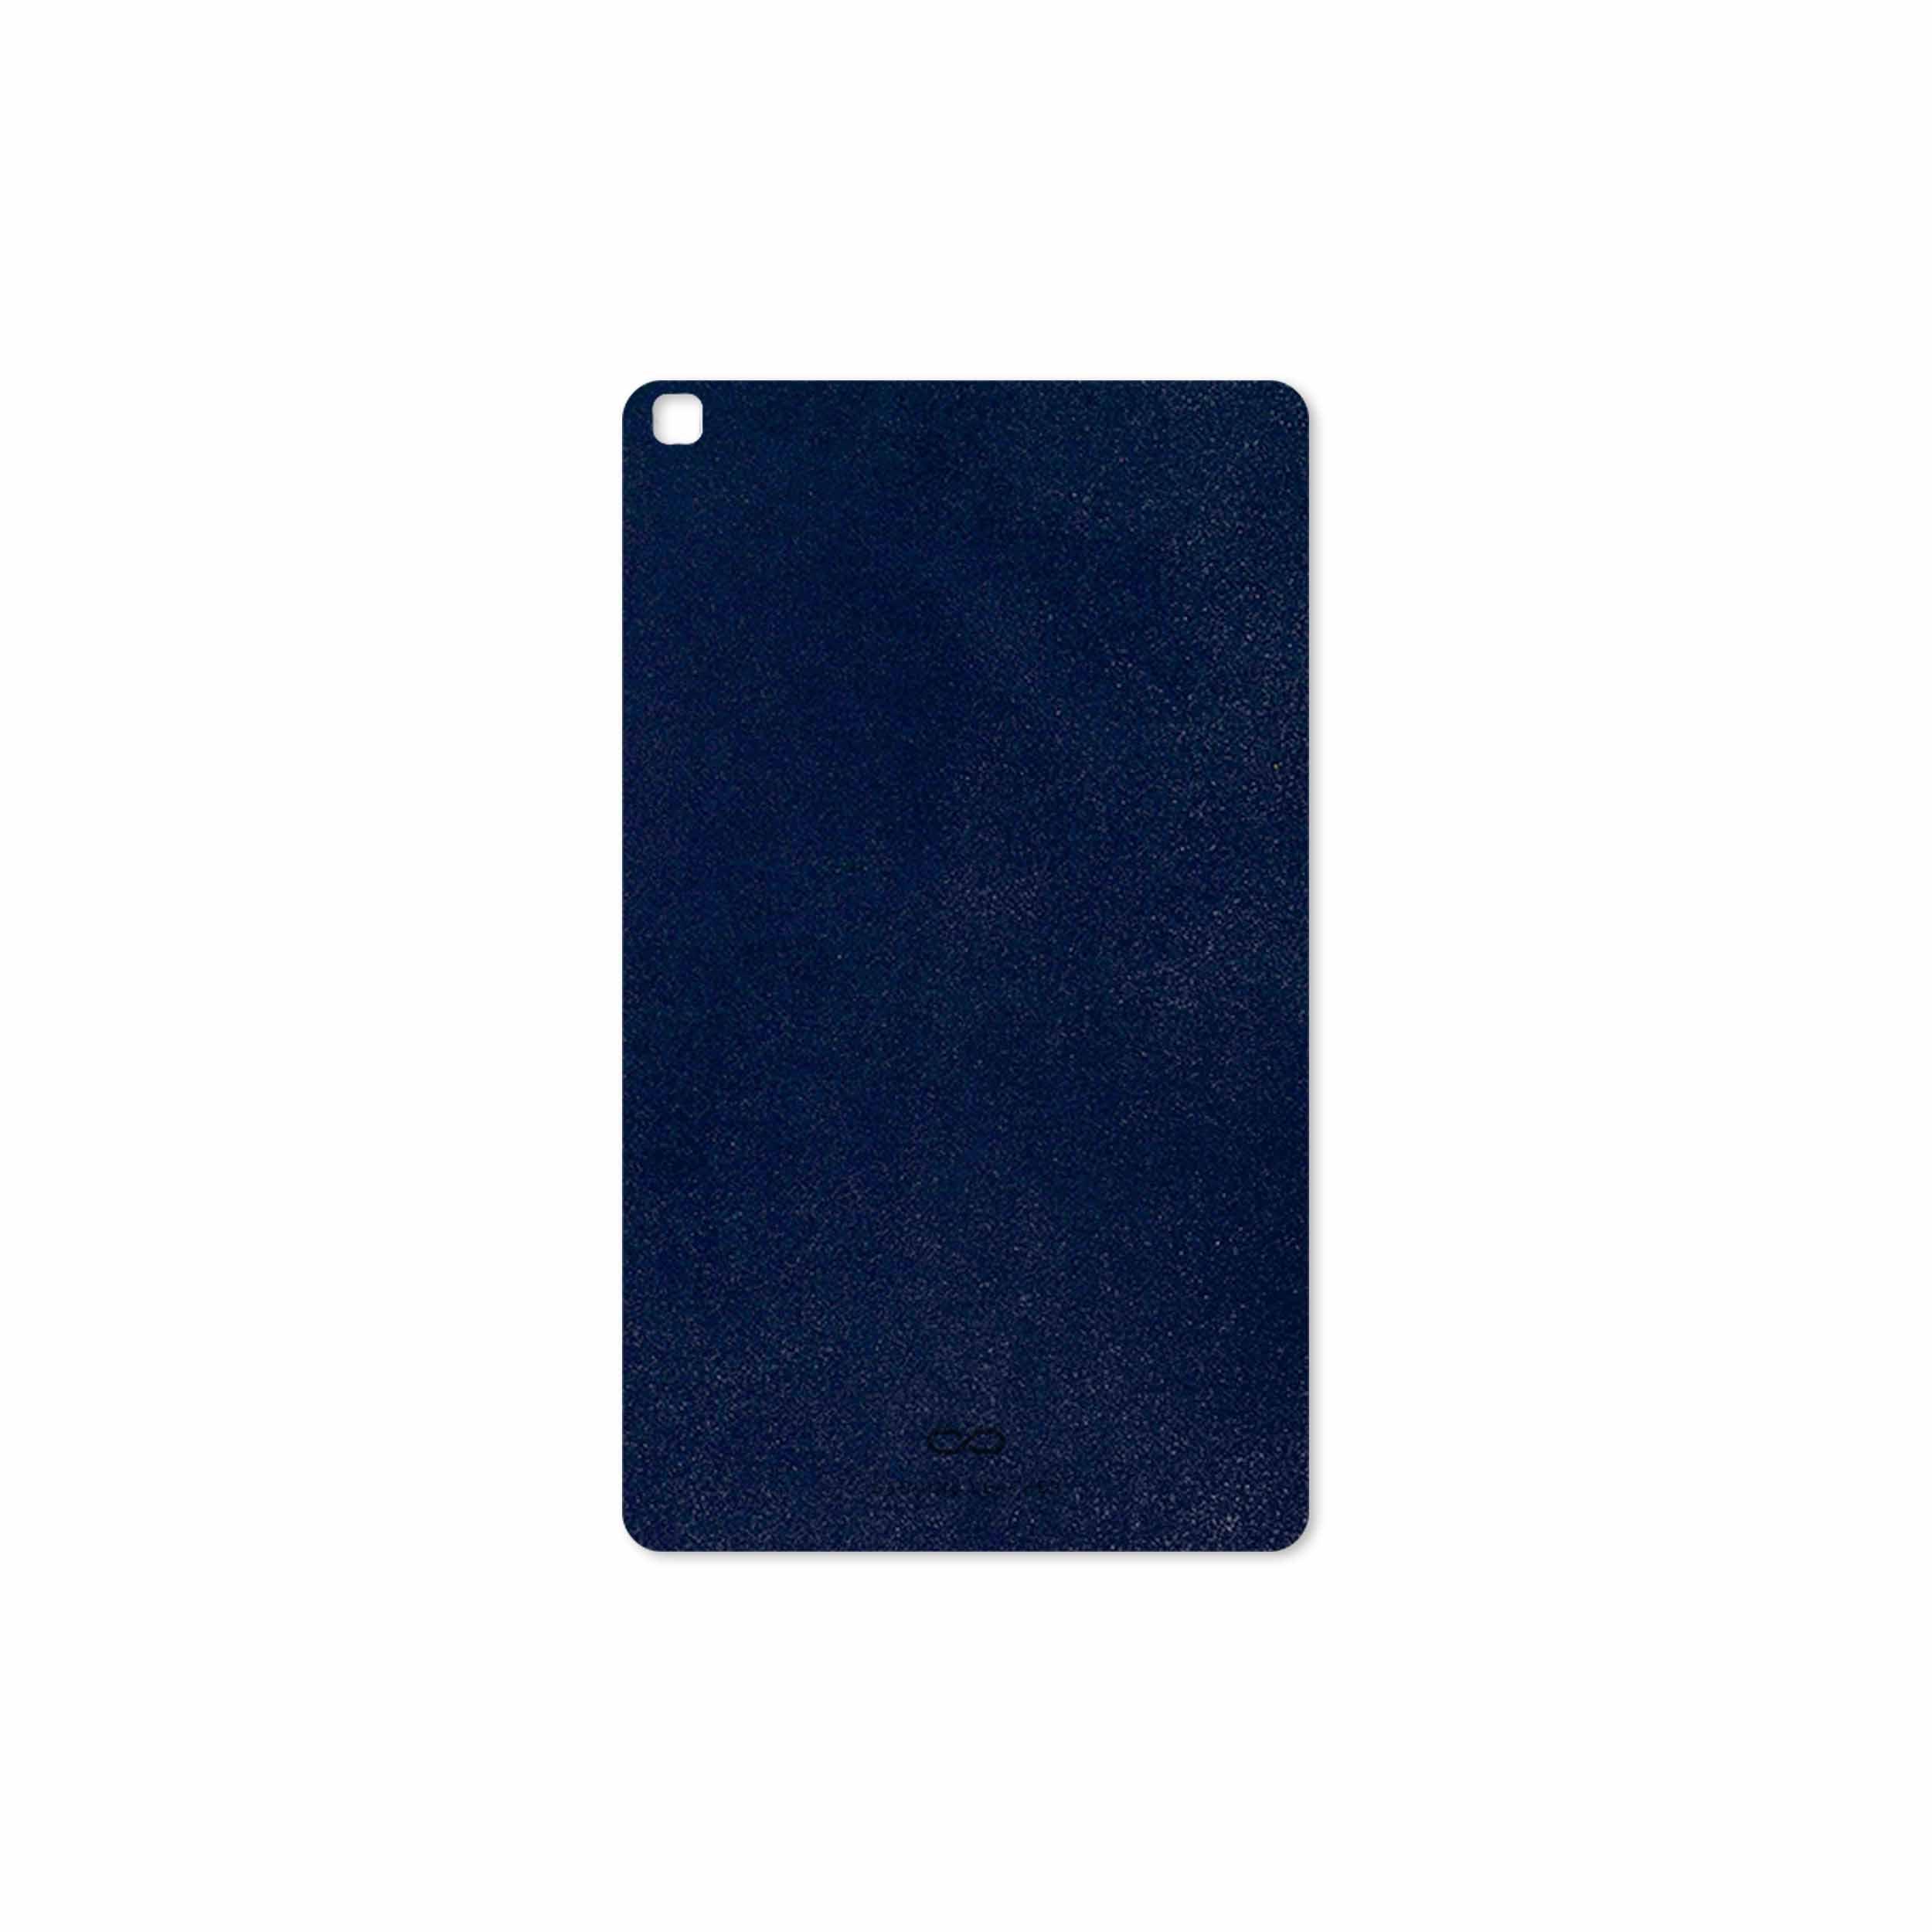 بررسی و خرید [با تخفیف]                                     برچسب پوششی ماهوت مدل Deep-Blue-Leather مناسب برای تبلت سامسونگ Galaxy Tab A 8.0 2019 T295                             اورجینال